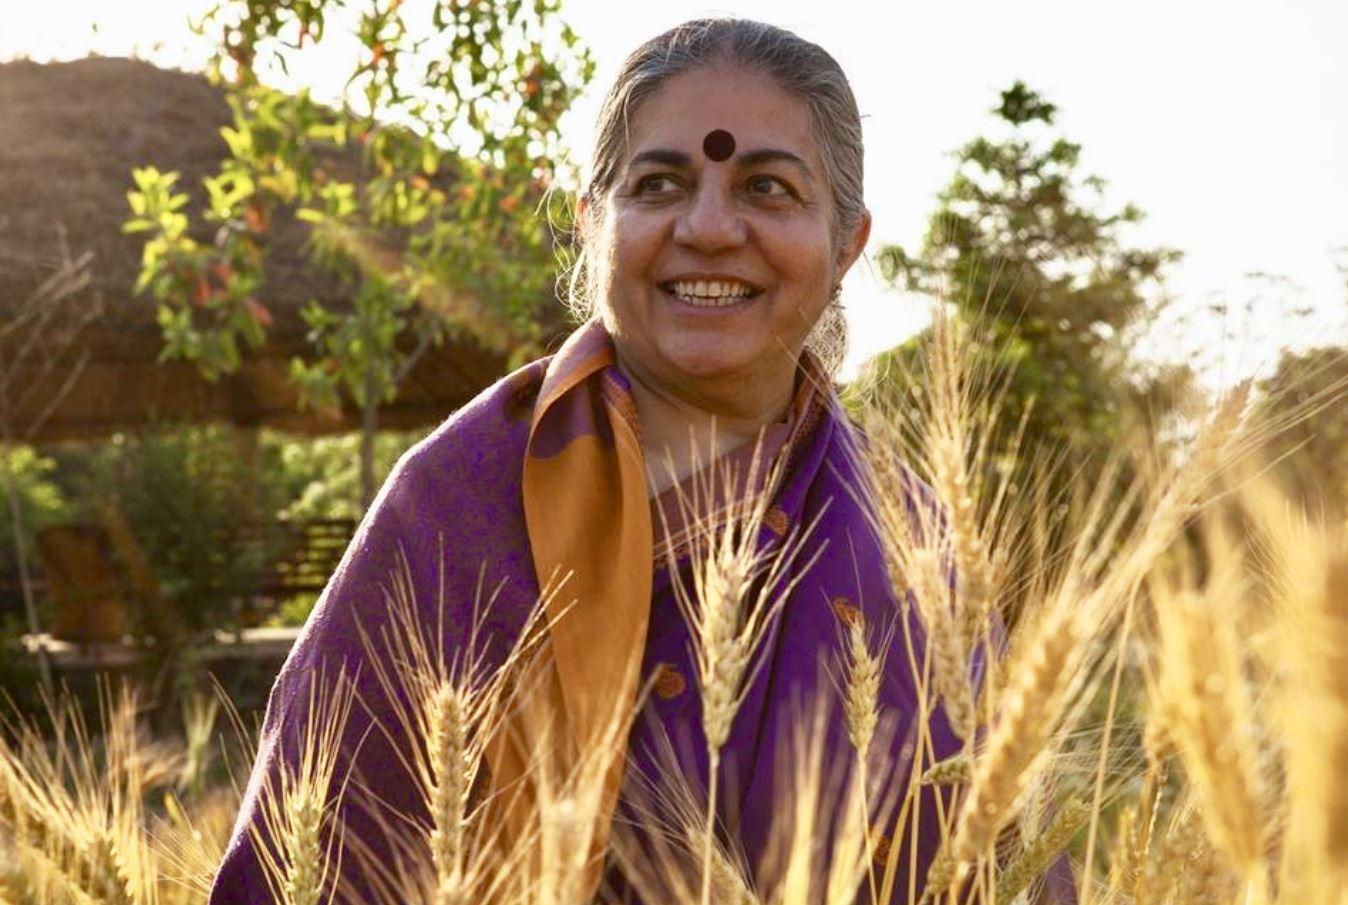 Vandana Shiva in a field of wheat